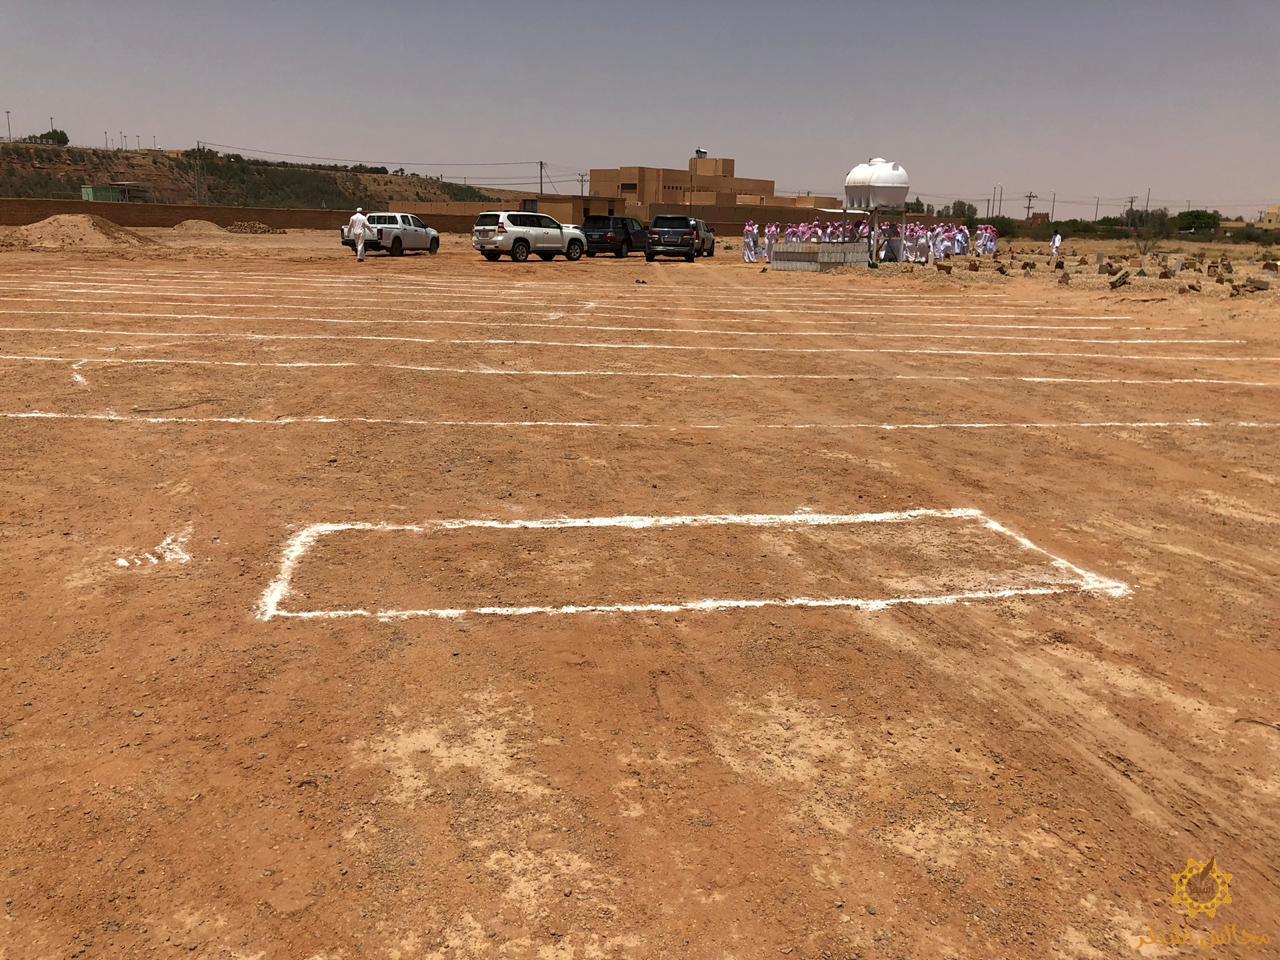 صورة بلدية أشيقر تقوم بتجهيز مكان للصلاة على الجنائز بالمقبرة